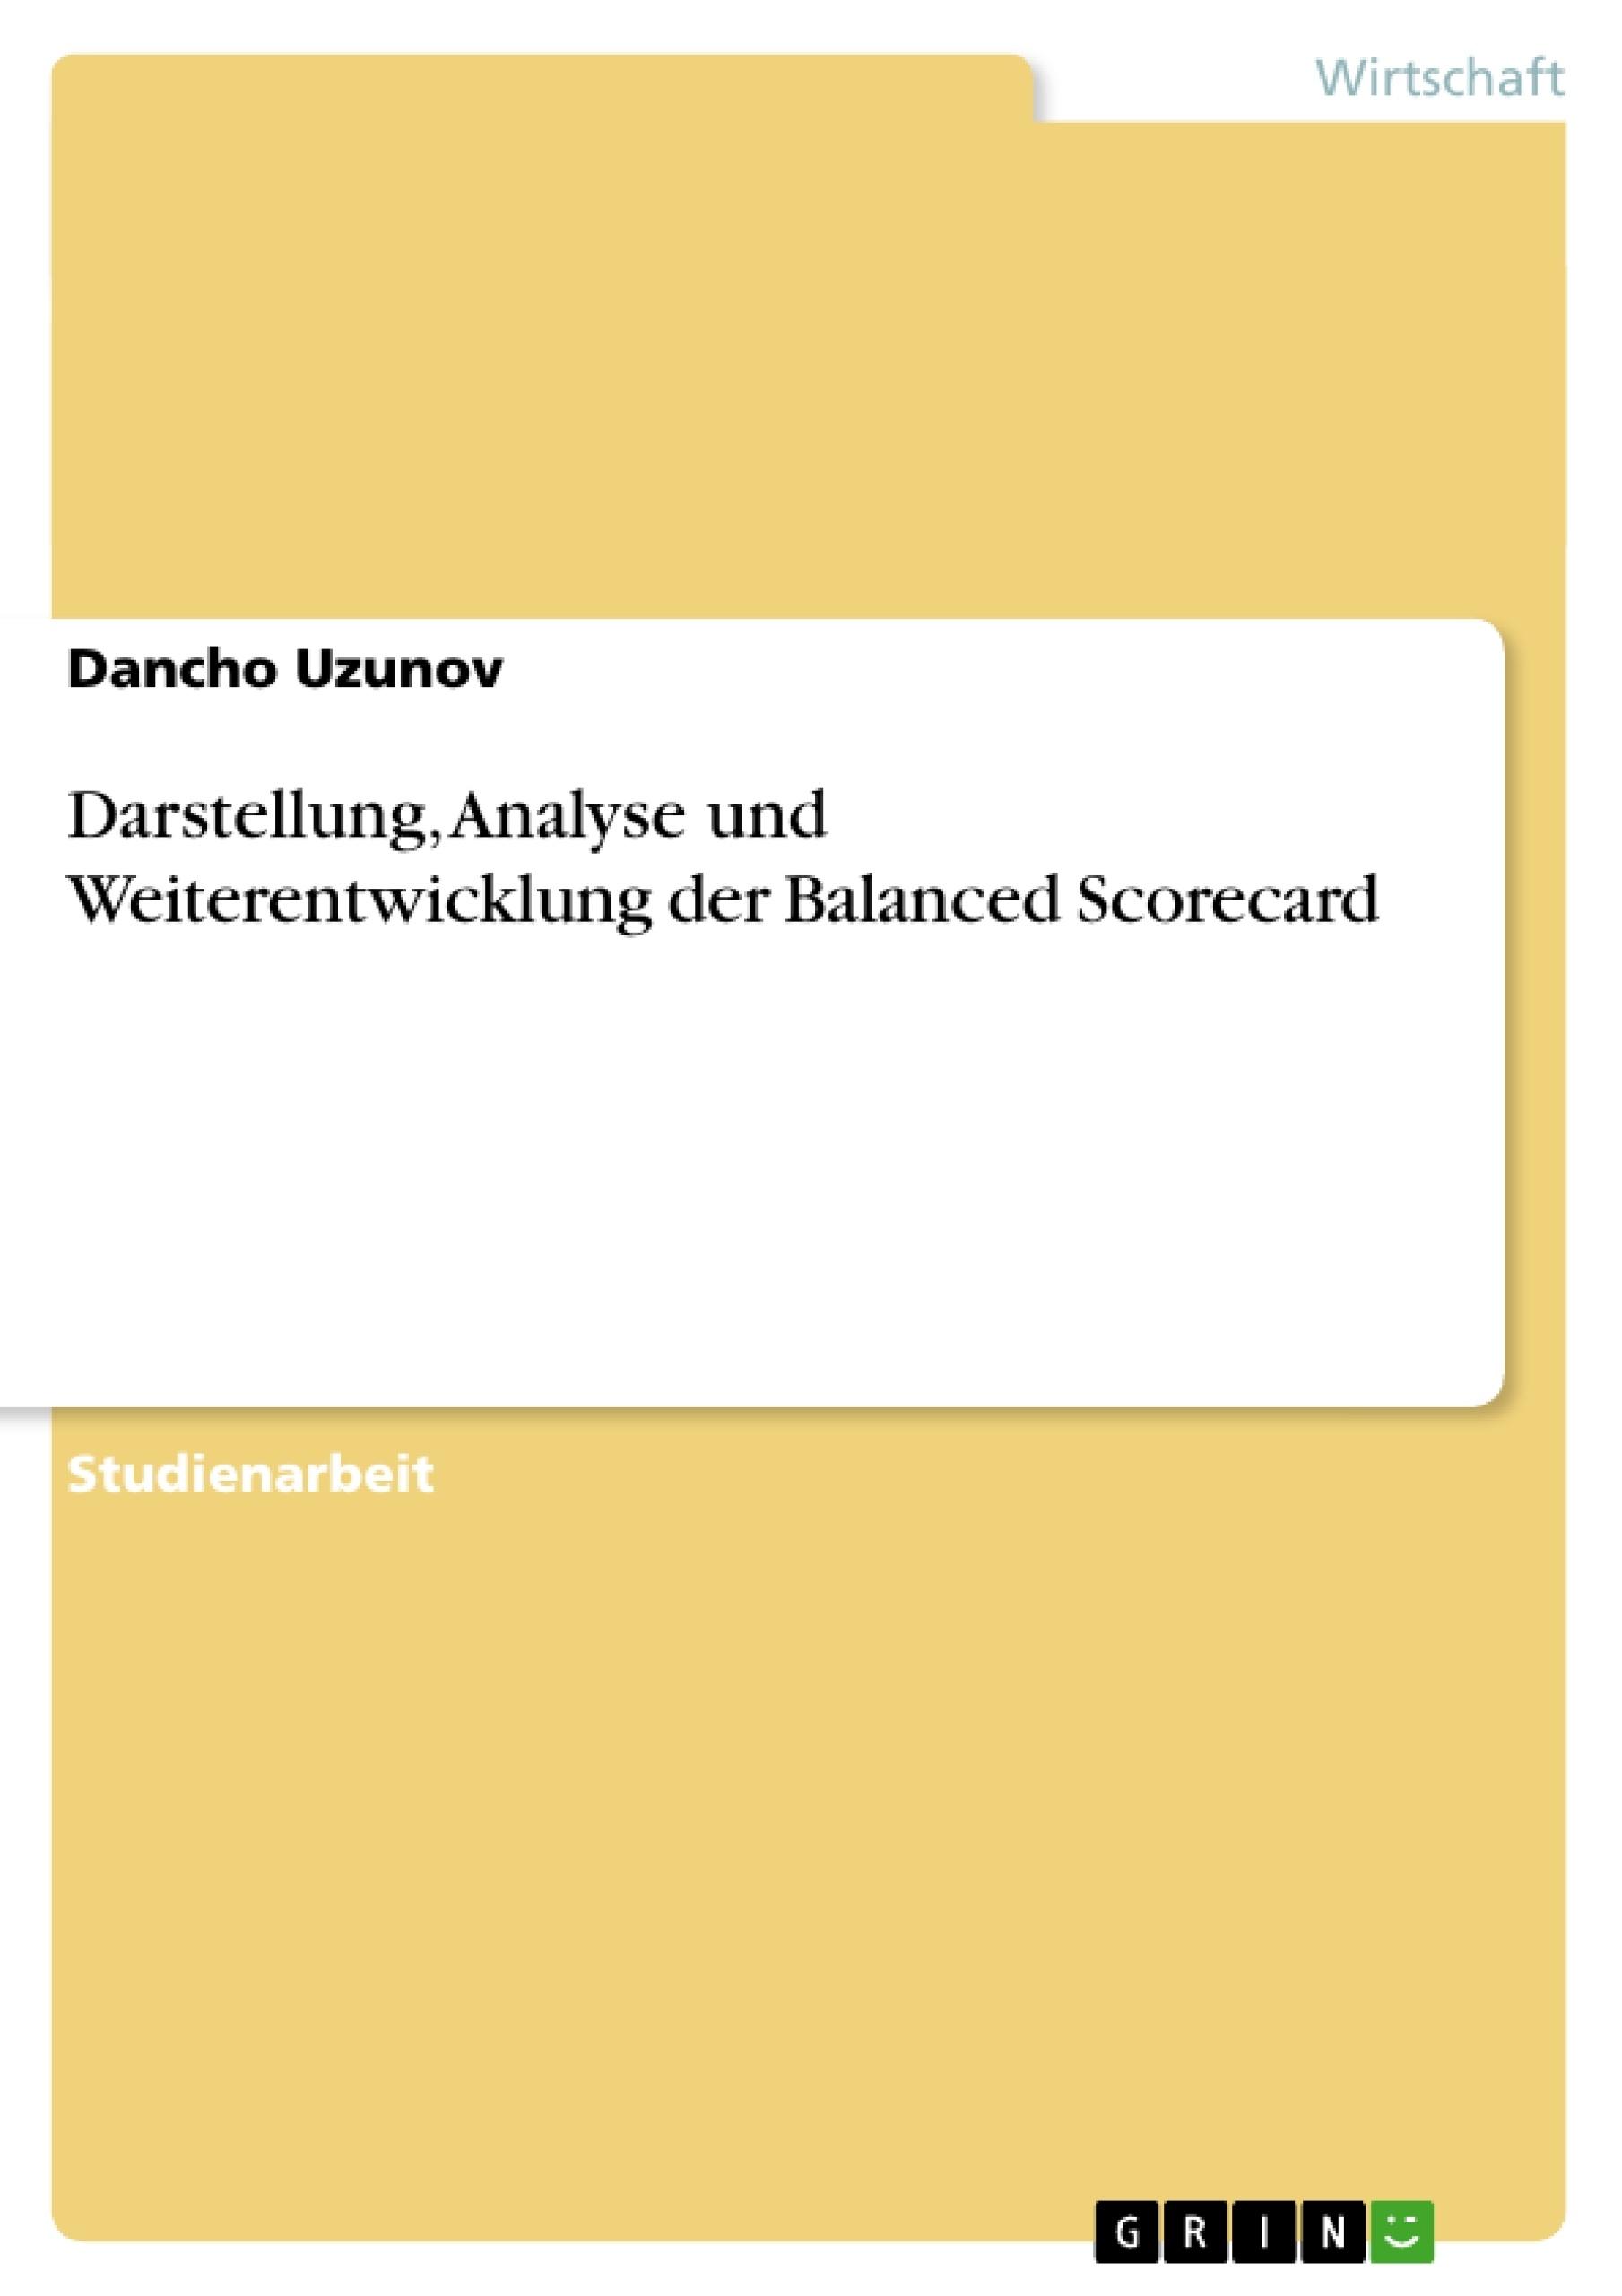 Titel: Darstellung, Analyse und Weiterentwicklung der Balanced Scorecard